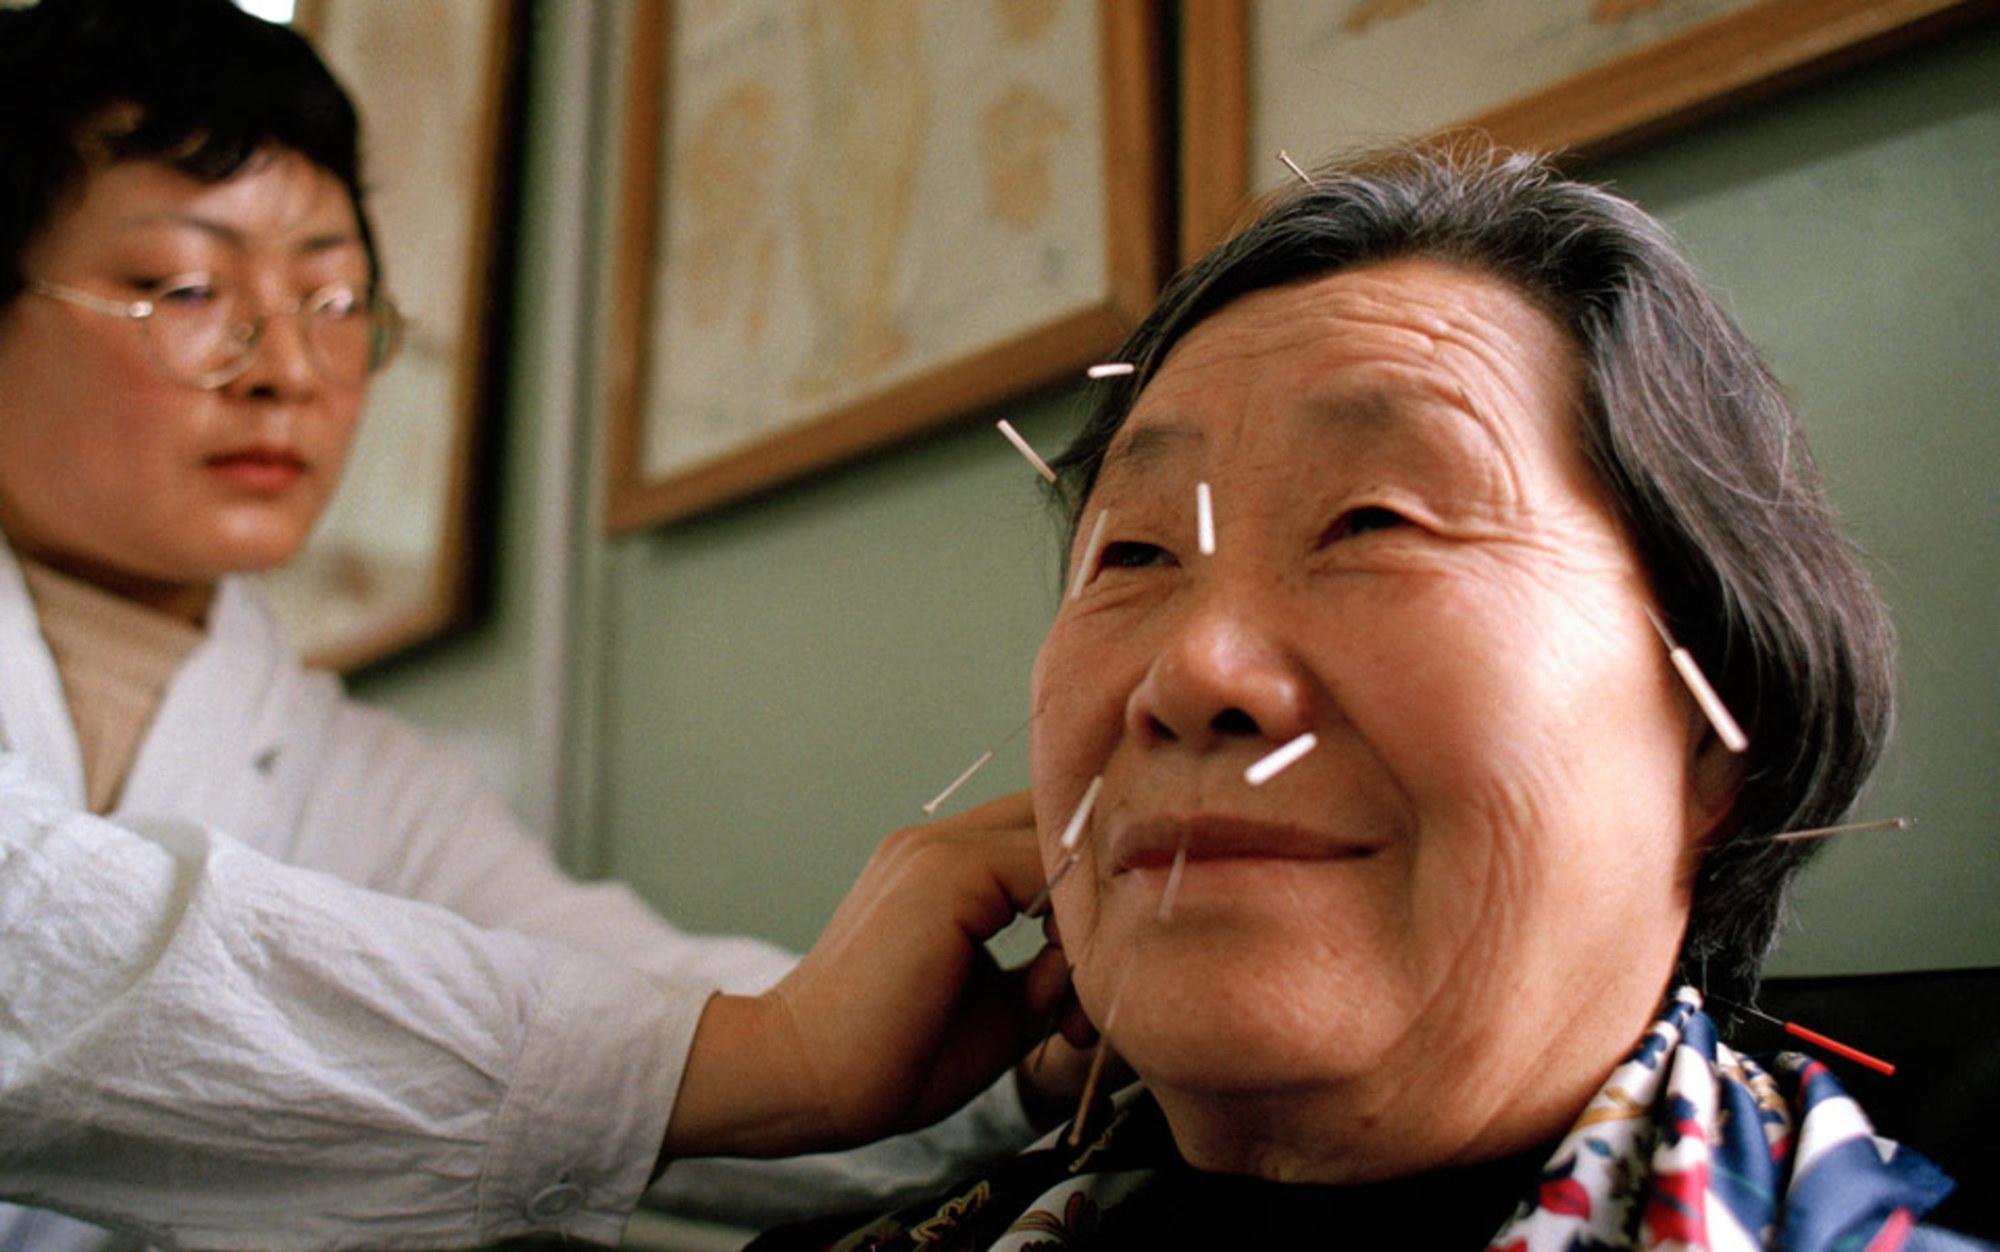 ما هو الطب الصيني؟ وما هي تخصصاته؟ وما الأدوات المستخدمة فيه؟